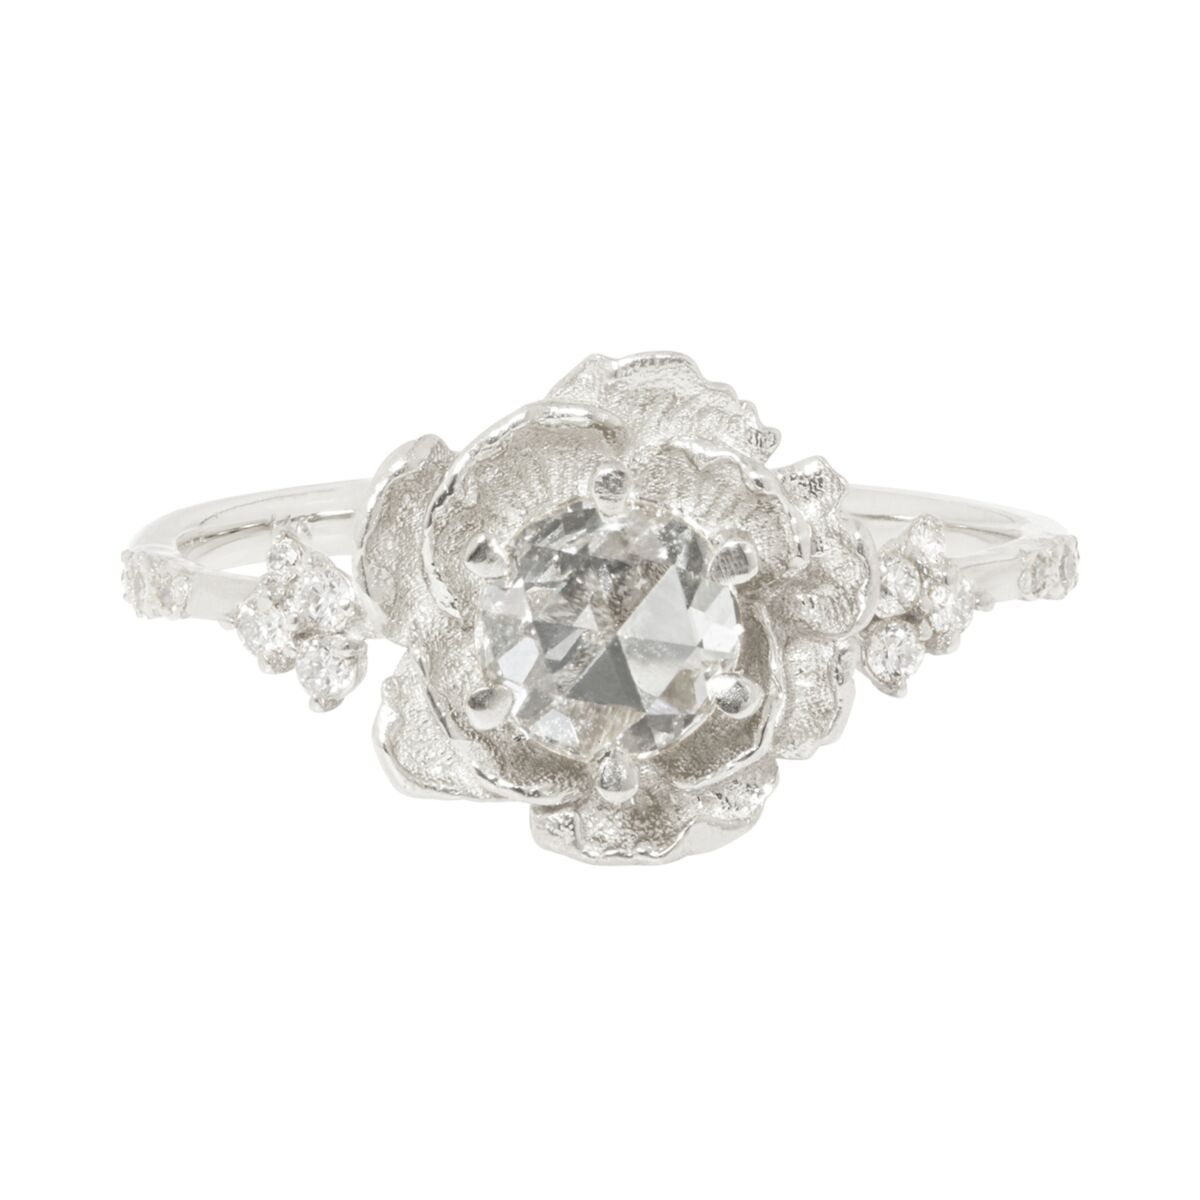 Paeonia Diamond Ring image